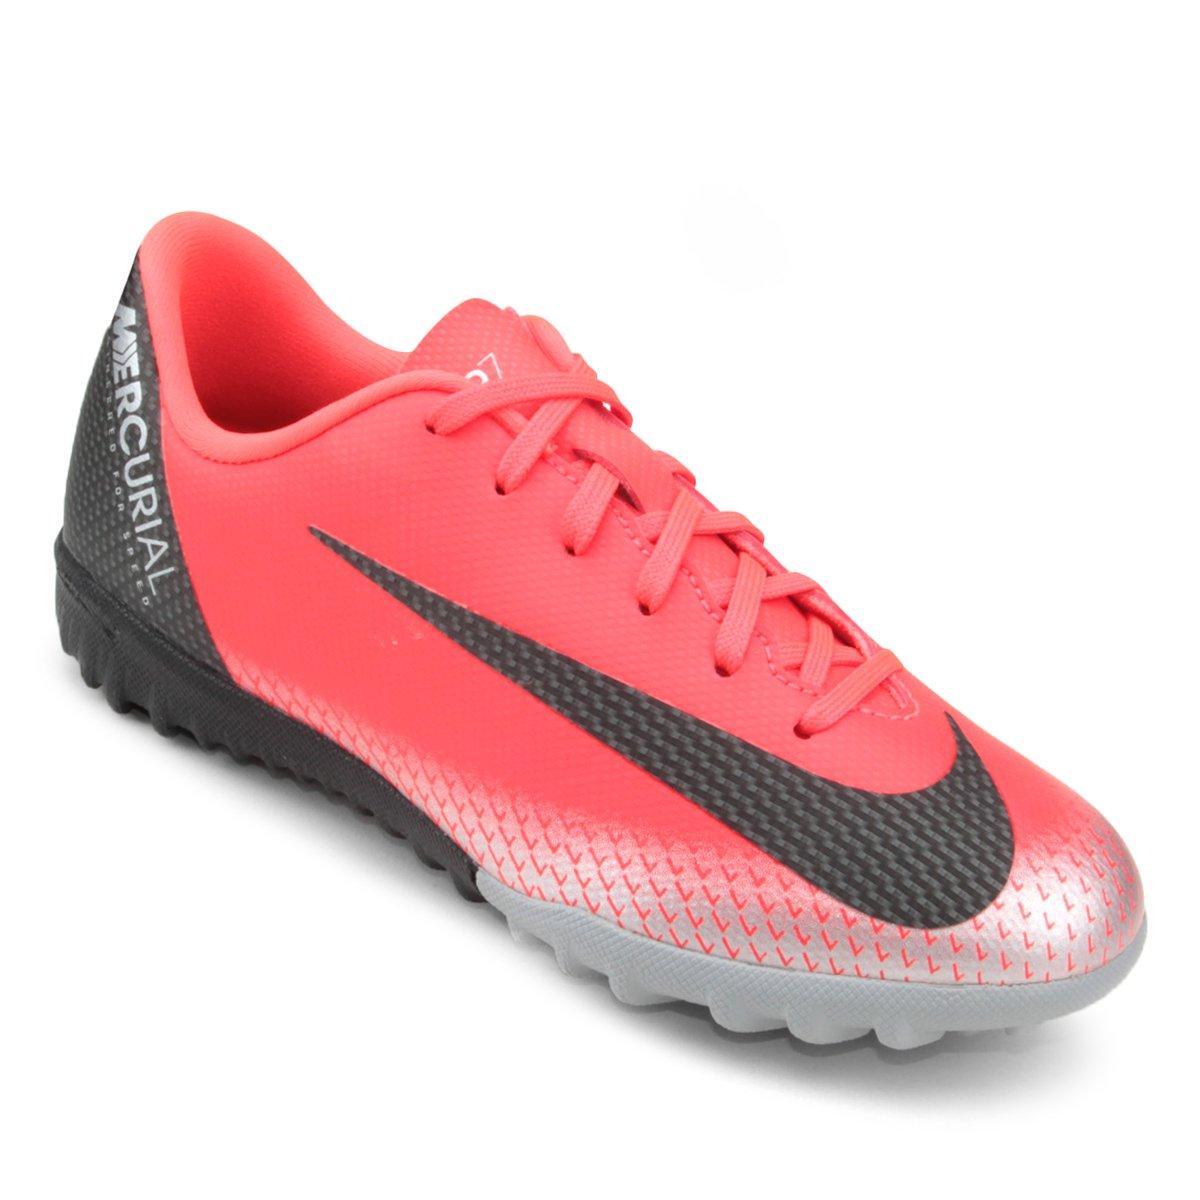 8f1b071c7b6ce Chuteira Society Infantil Nike Mercurial Vapor 12 Academy GS CR7 TF -  Vermelho e Preto - Compre Agora